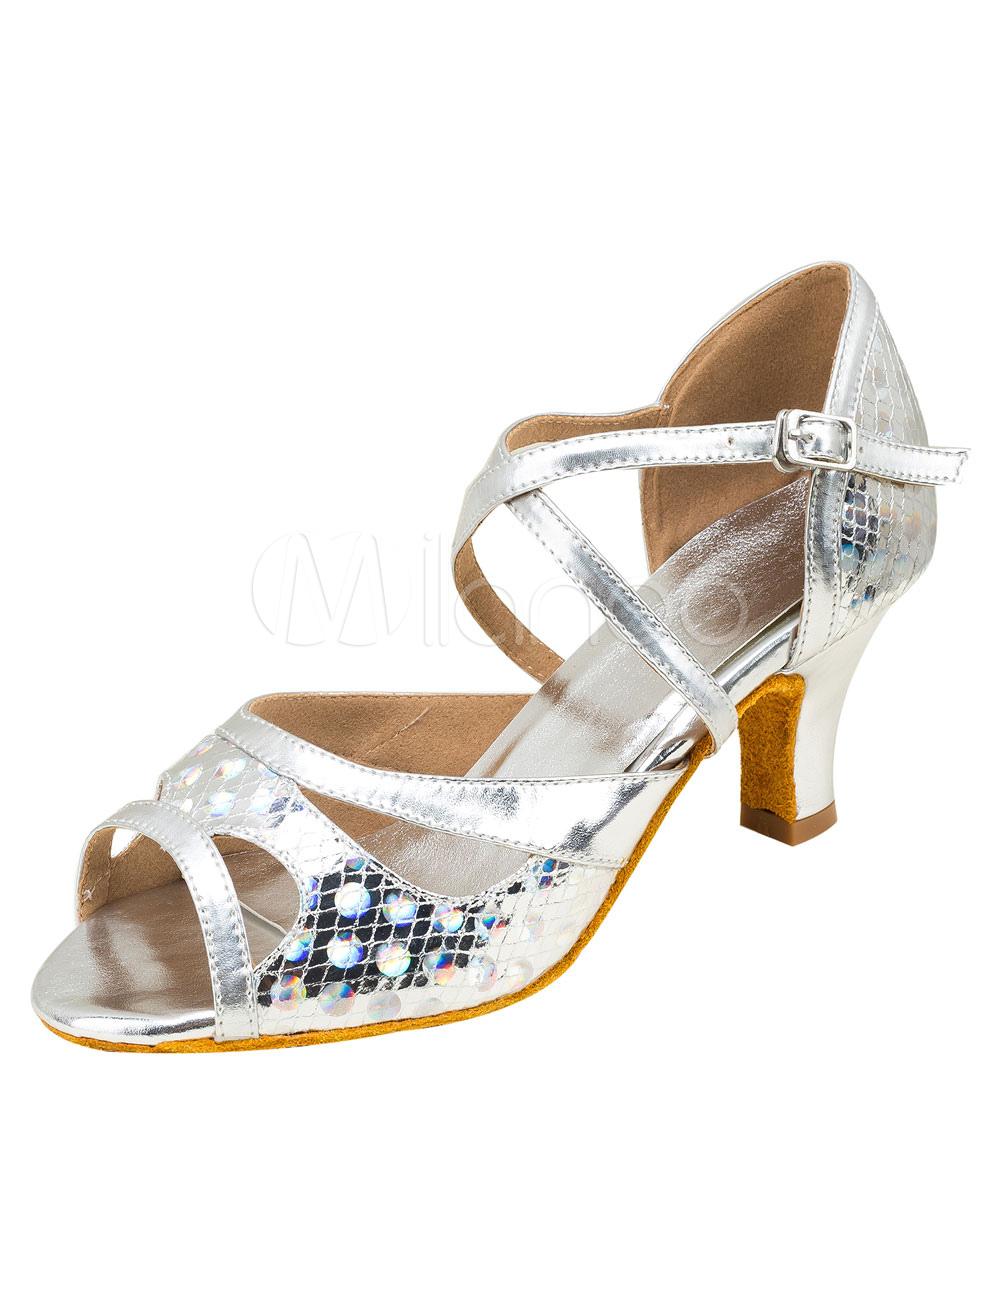 Zapatos de bailes latinos de punter Peep Toe Tacón bobina de PU para baile XxOMz